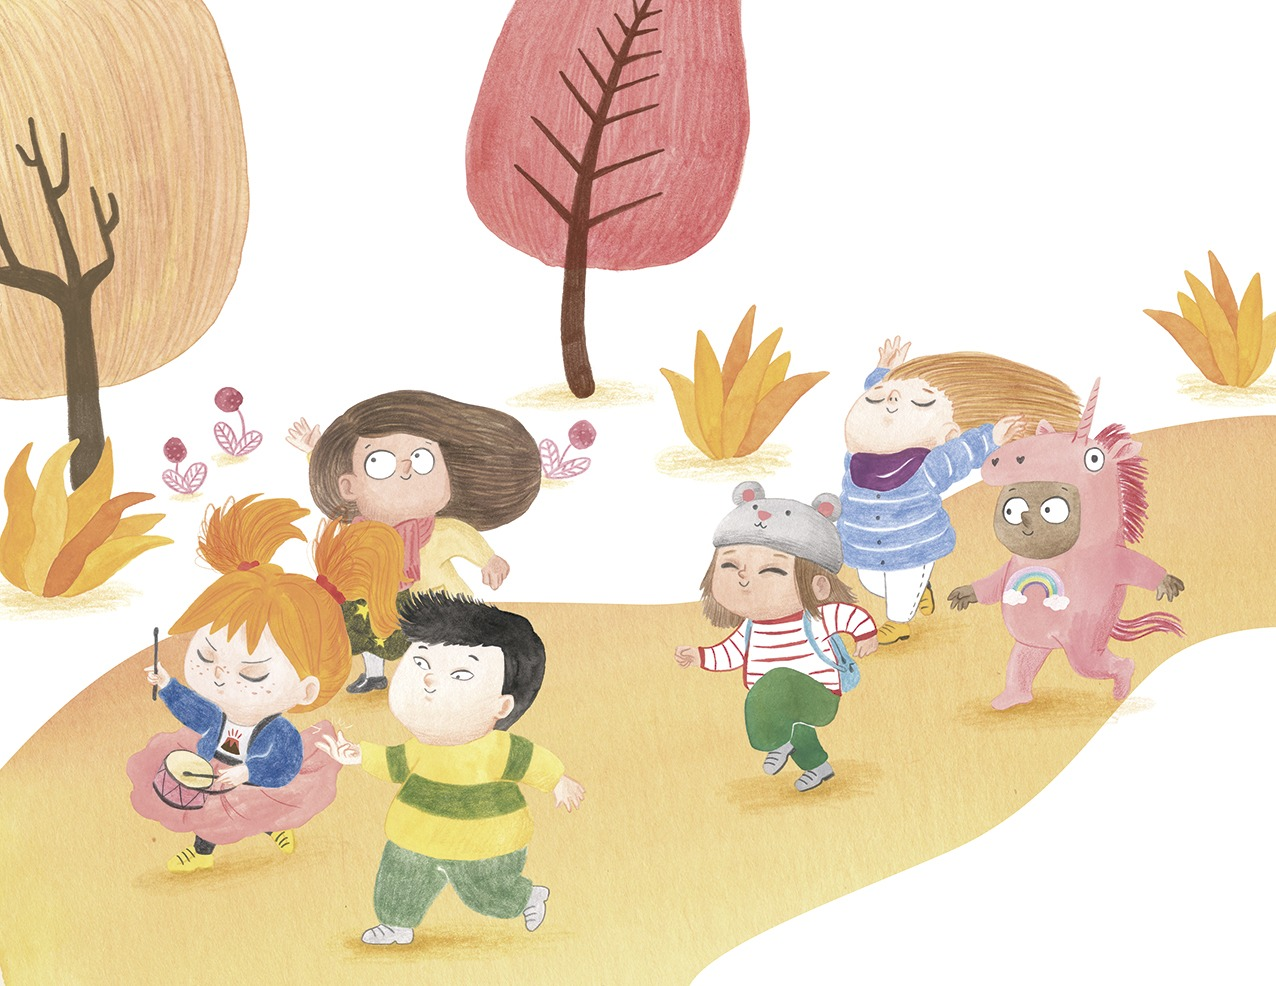 Ana está furiosa, ilustración infantil, ilustración para niños, niña enfadada, Christine Nöstlinger, Mar Villar, El Barco de Vapor, SM, ilustración de niños felices, ilustración de niños bailando,